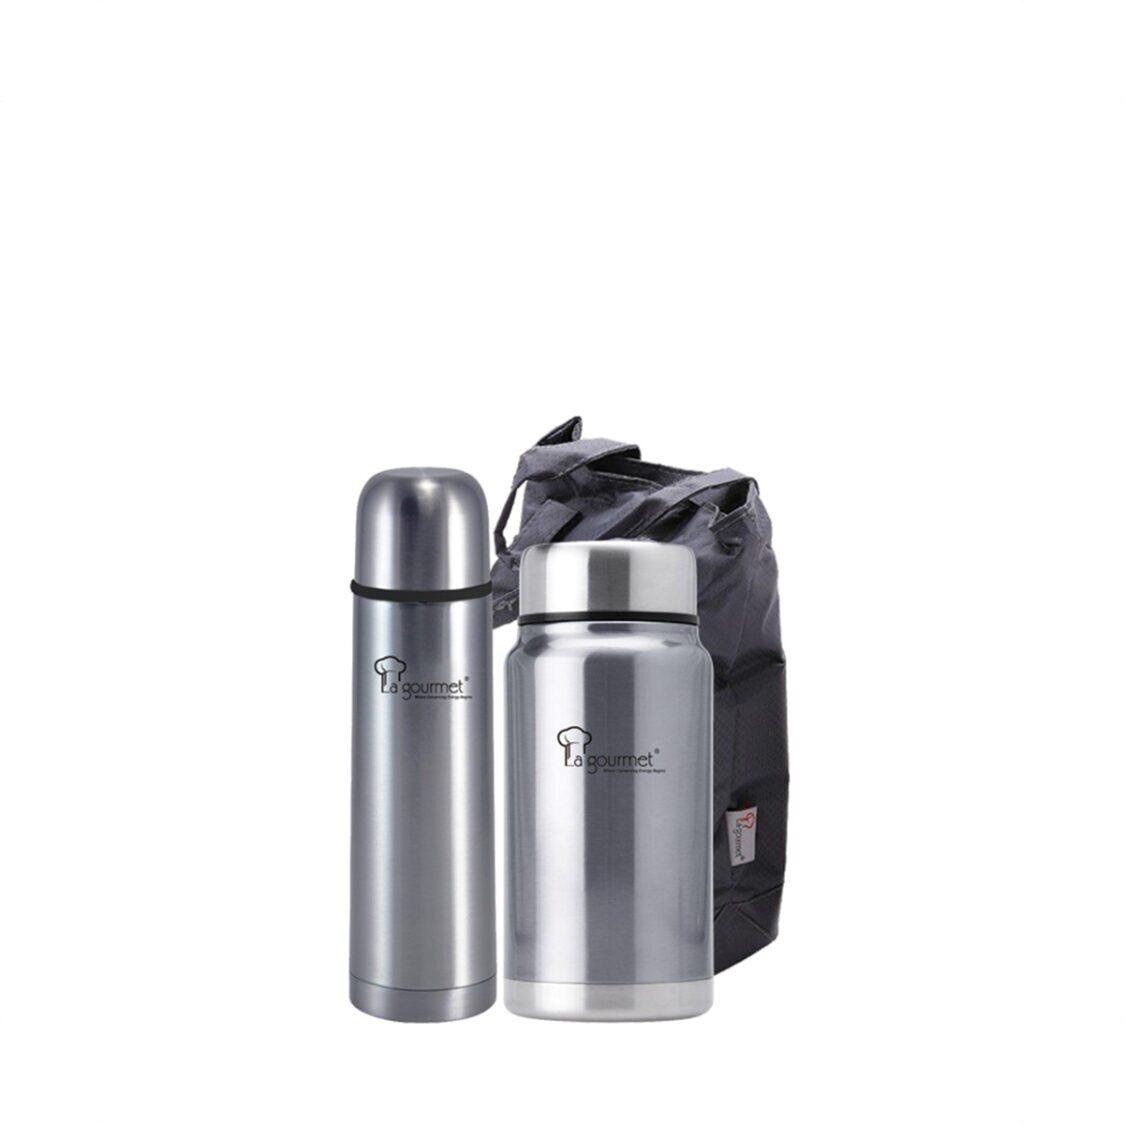 La Gourmet Sakura Plus 075L Thermal Pot  05L Flask LGSP338662LGSP338624